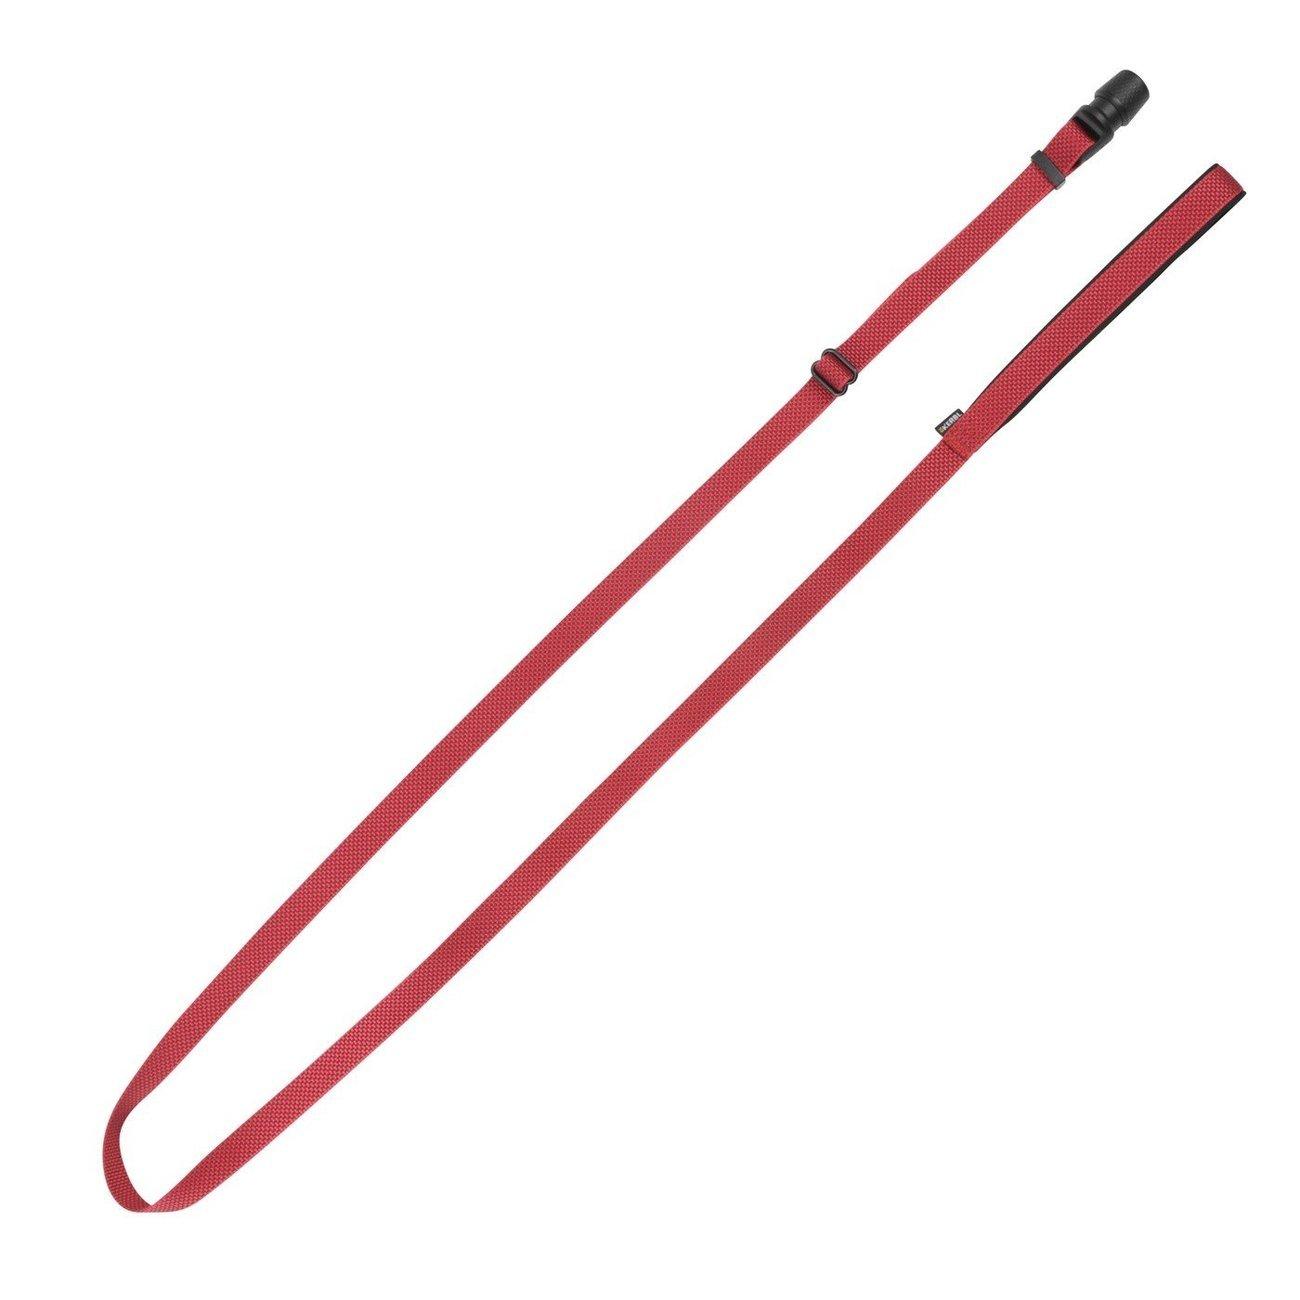 Hundeleine Flat GoLeyGo 2.0, rot, 20mm x 140-200cm